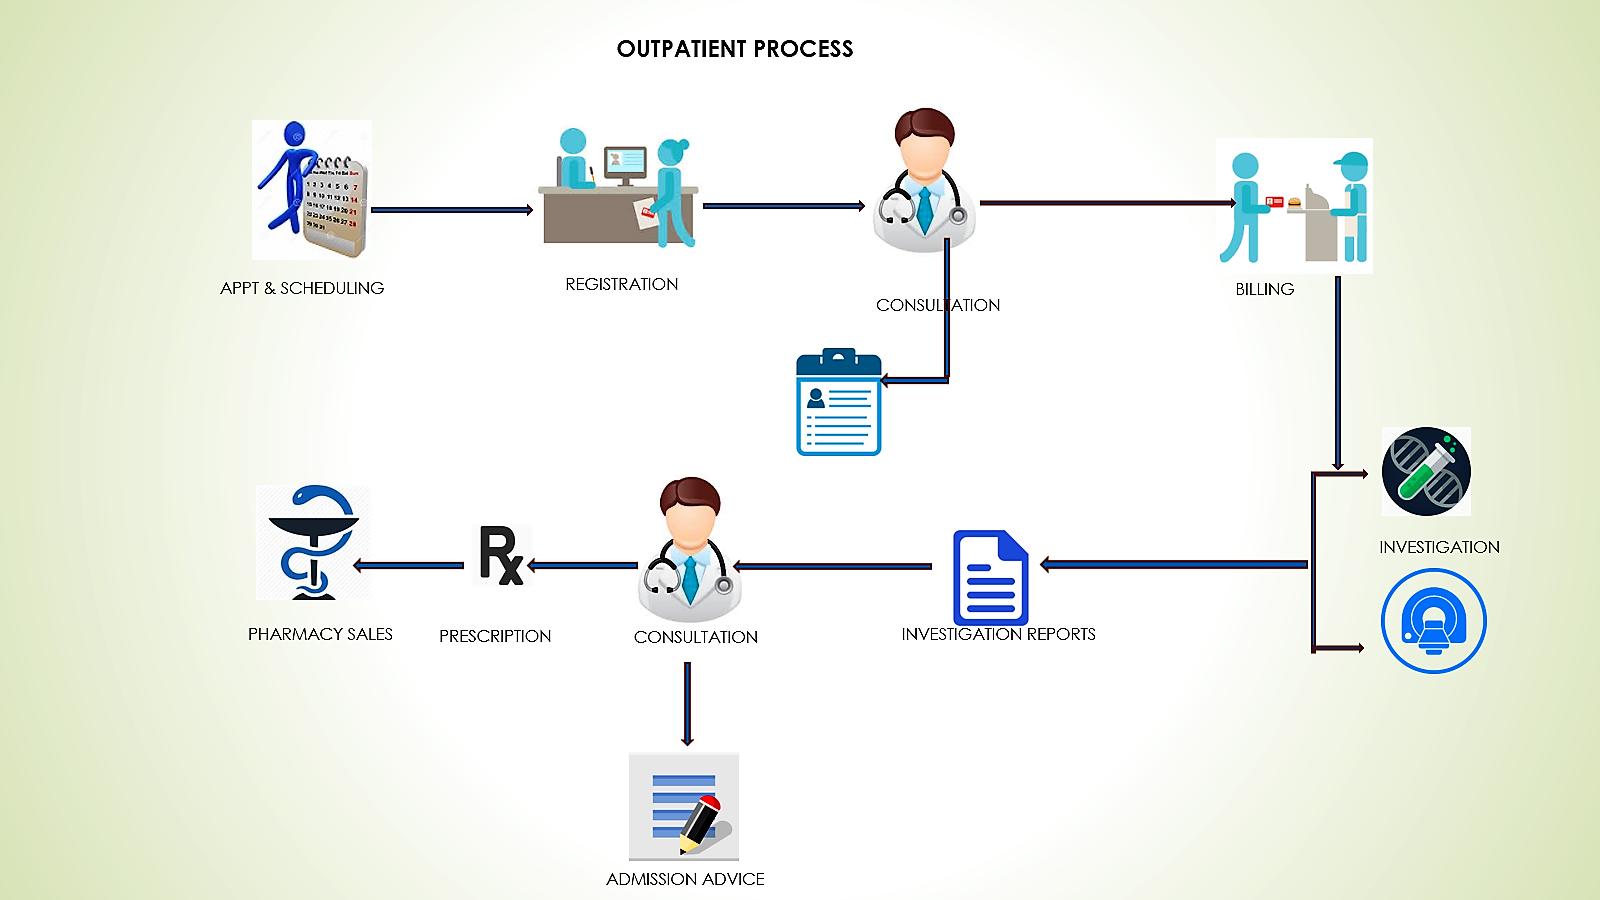 OutPatient Process flow diagram in HMS